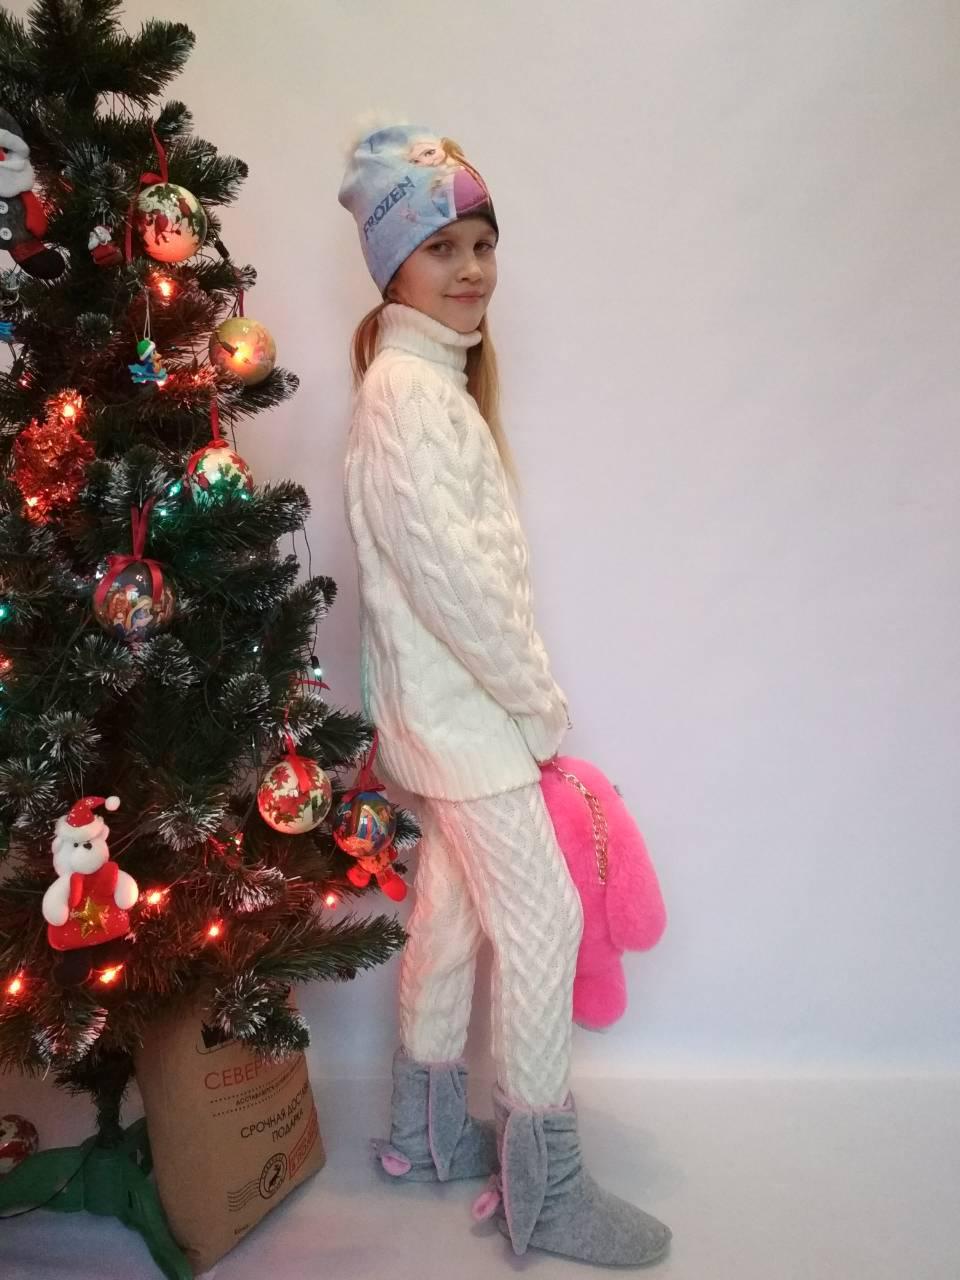 теплый вязаный костюм на девочку белого цвета за 450 грн в харькове